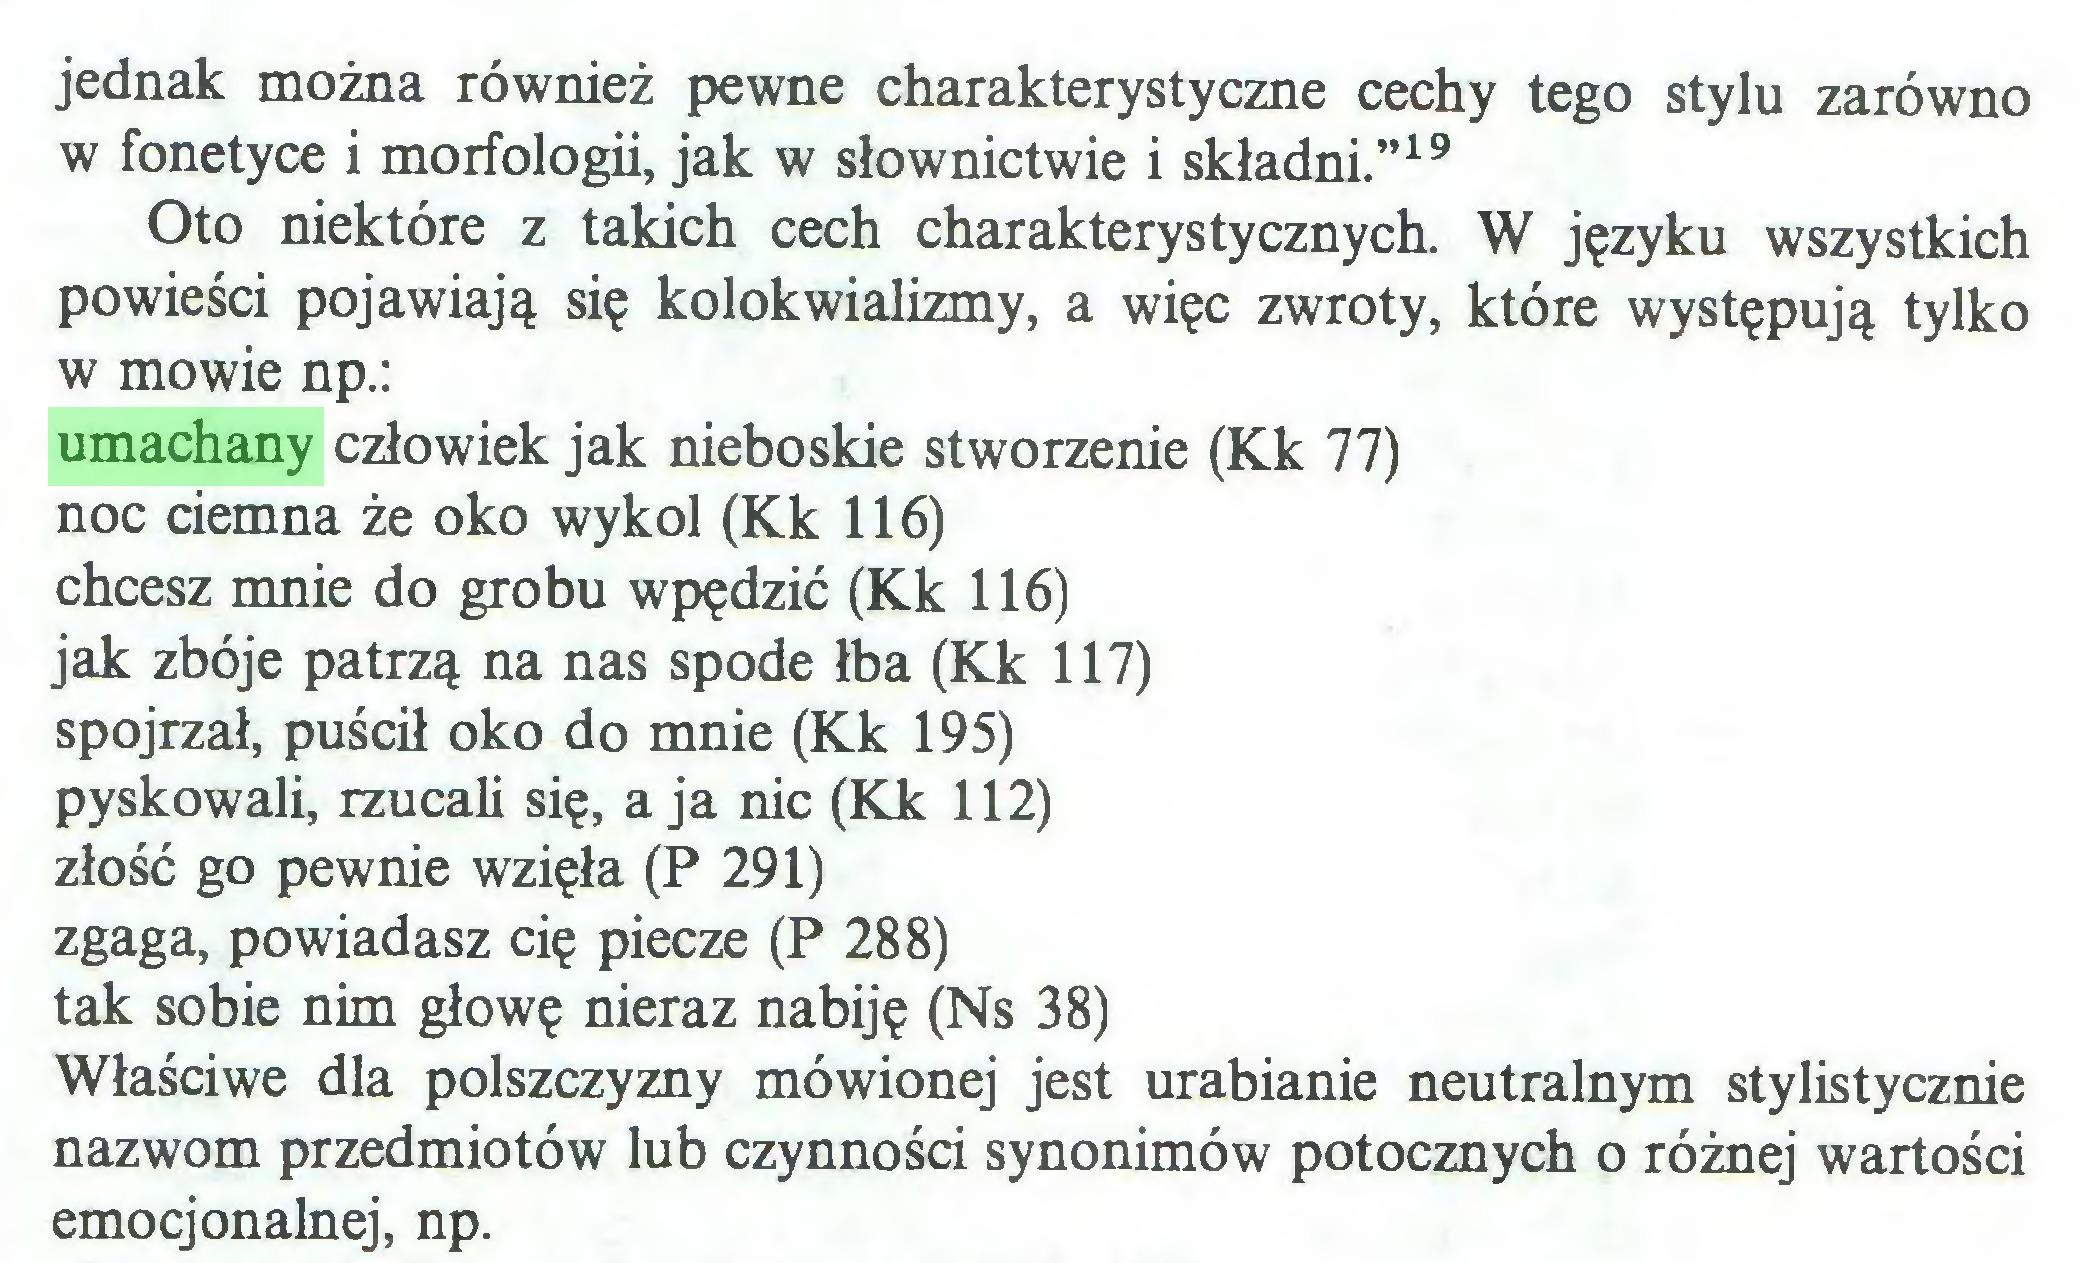 """(...) jednak można również pewne charakterystyczne cechy tego stylu zarówno w fonetyce i morfologii, jak w słownictwie i składni.""""19 Oto niektóre z takich cech charakterystycznych. W języku wszystkich powieści pojawiają się kolokwializmy, a więc zwroty, które występują tylko w mowie np.: umachany człowiek jak nieboskie stworzenie (Kk 77) noc ciemna że oko wykol (Kk 116) chcesz mnie do grobu wpędzić (Kk 116) jak zbóje patrzą na nas spode łba (Kk 117) spojrzał, puścił oko do mnie (Kk 195) pyskowali, rzucali się, a ja nic (Kk 112) złość go pewnie wzięła (P 291) zgaga, powiadasz cię piecze (P 288) tak sobie nim głowę nieraz nabiję (Ns 38) Właściwe dla polszczyzny mówionej jest urabianie neutralnym stylistycznie nazwom przedmiotów lub czynności synonimów potocznych o różnej wartości emocjonalnej, np..."""